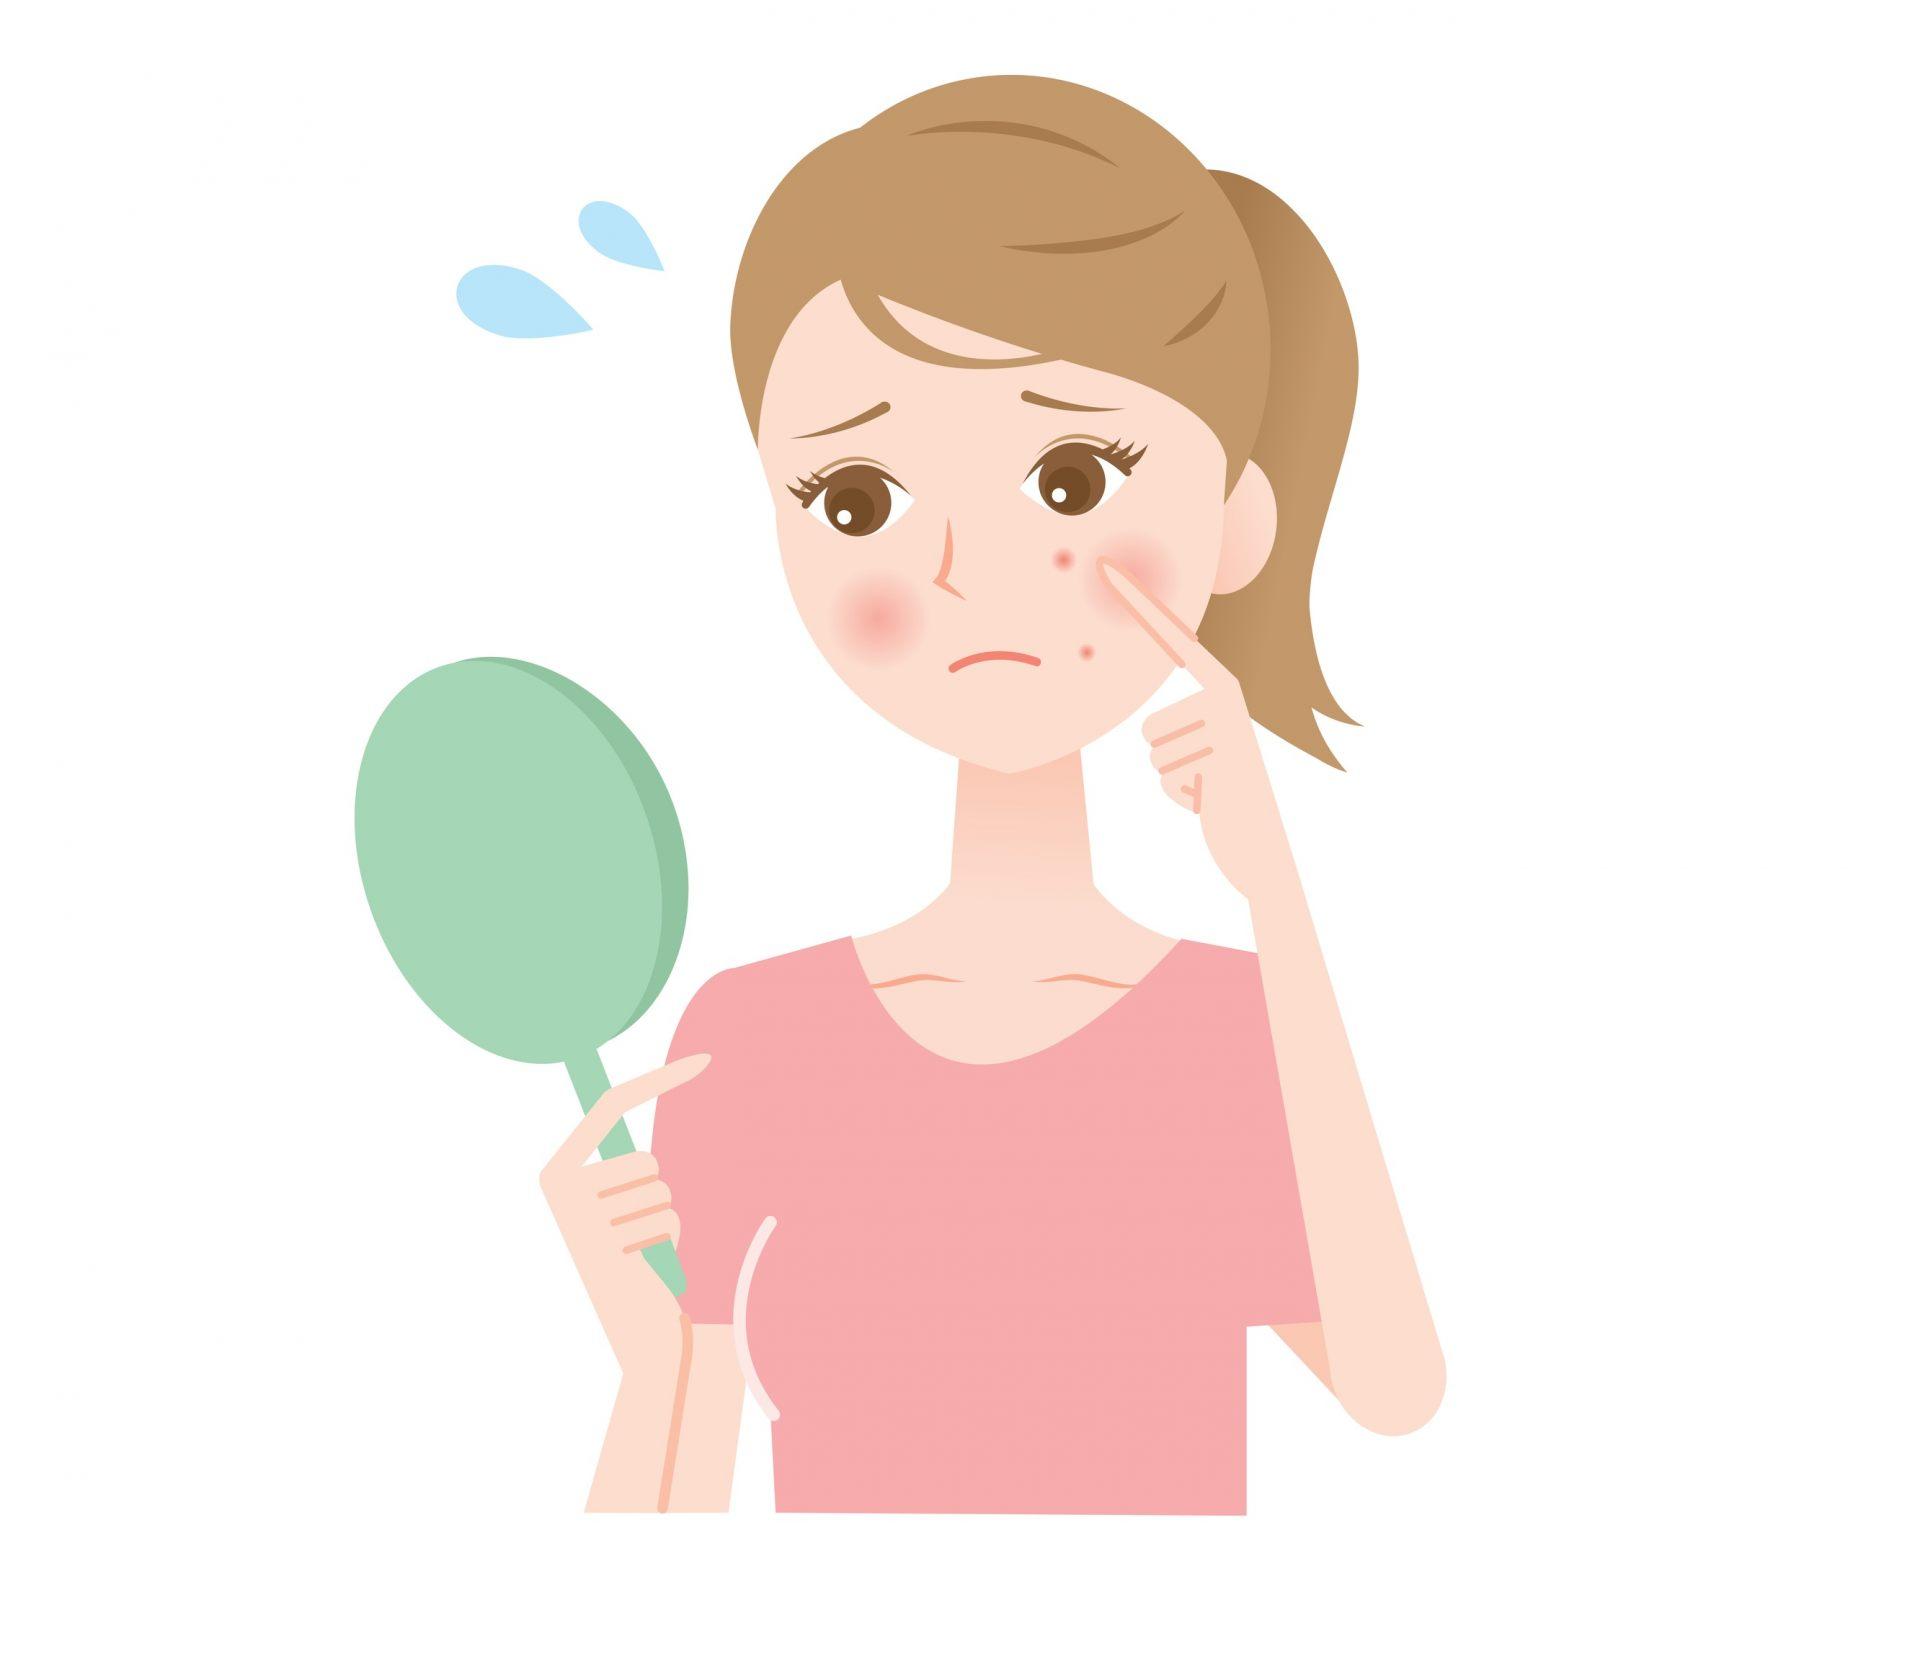 皮脂腺的过渡分泌导致毛孔堵塞是痘痘发生的原因